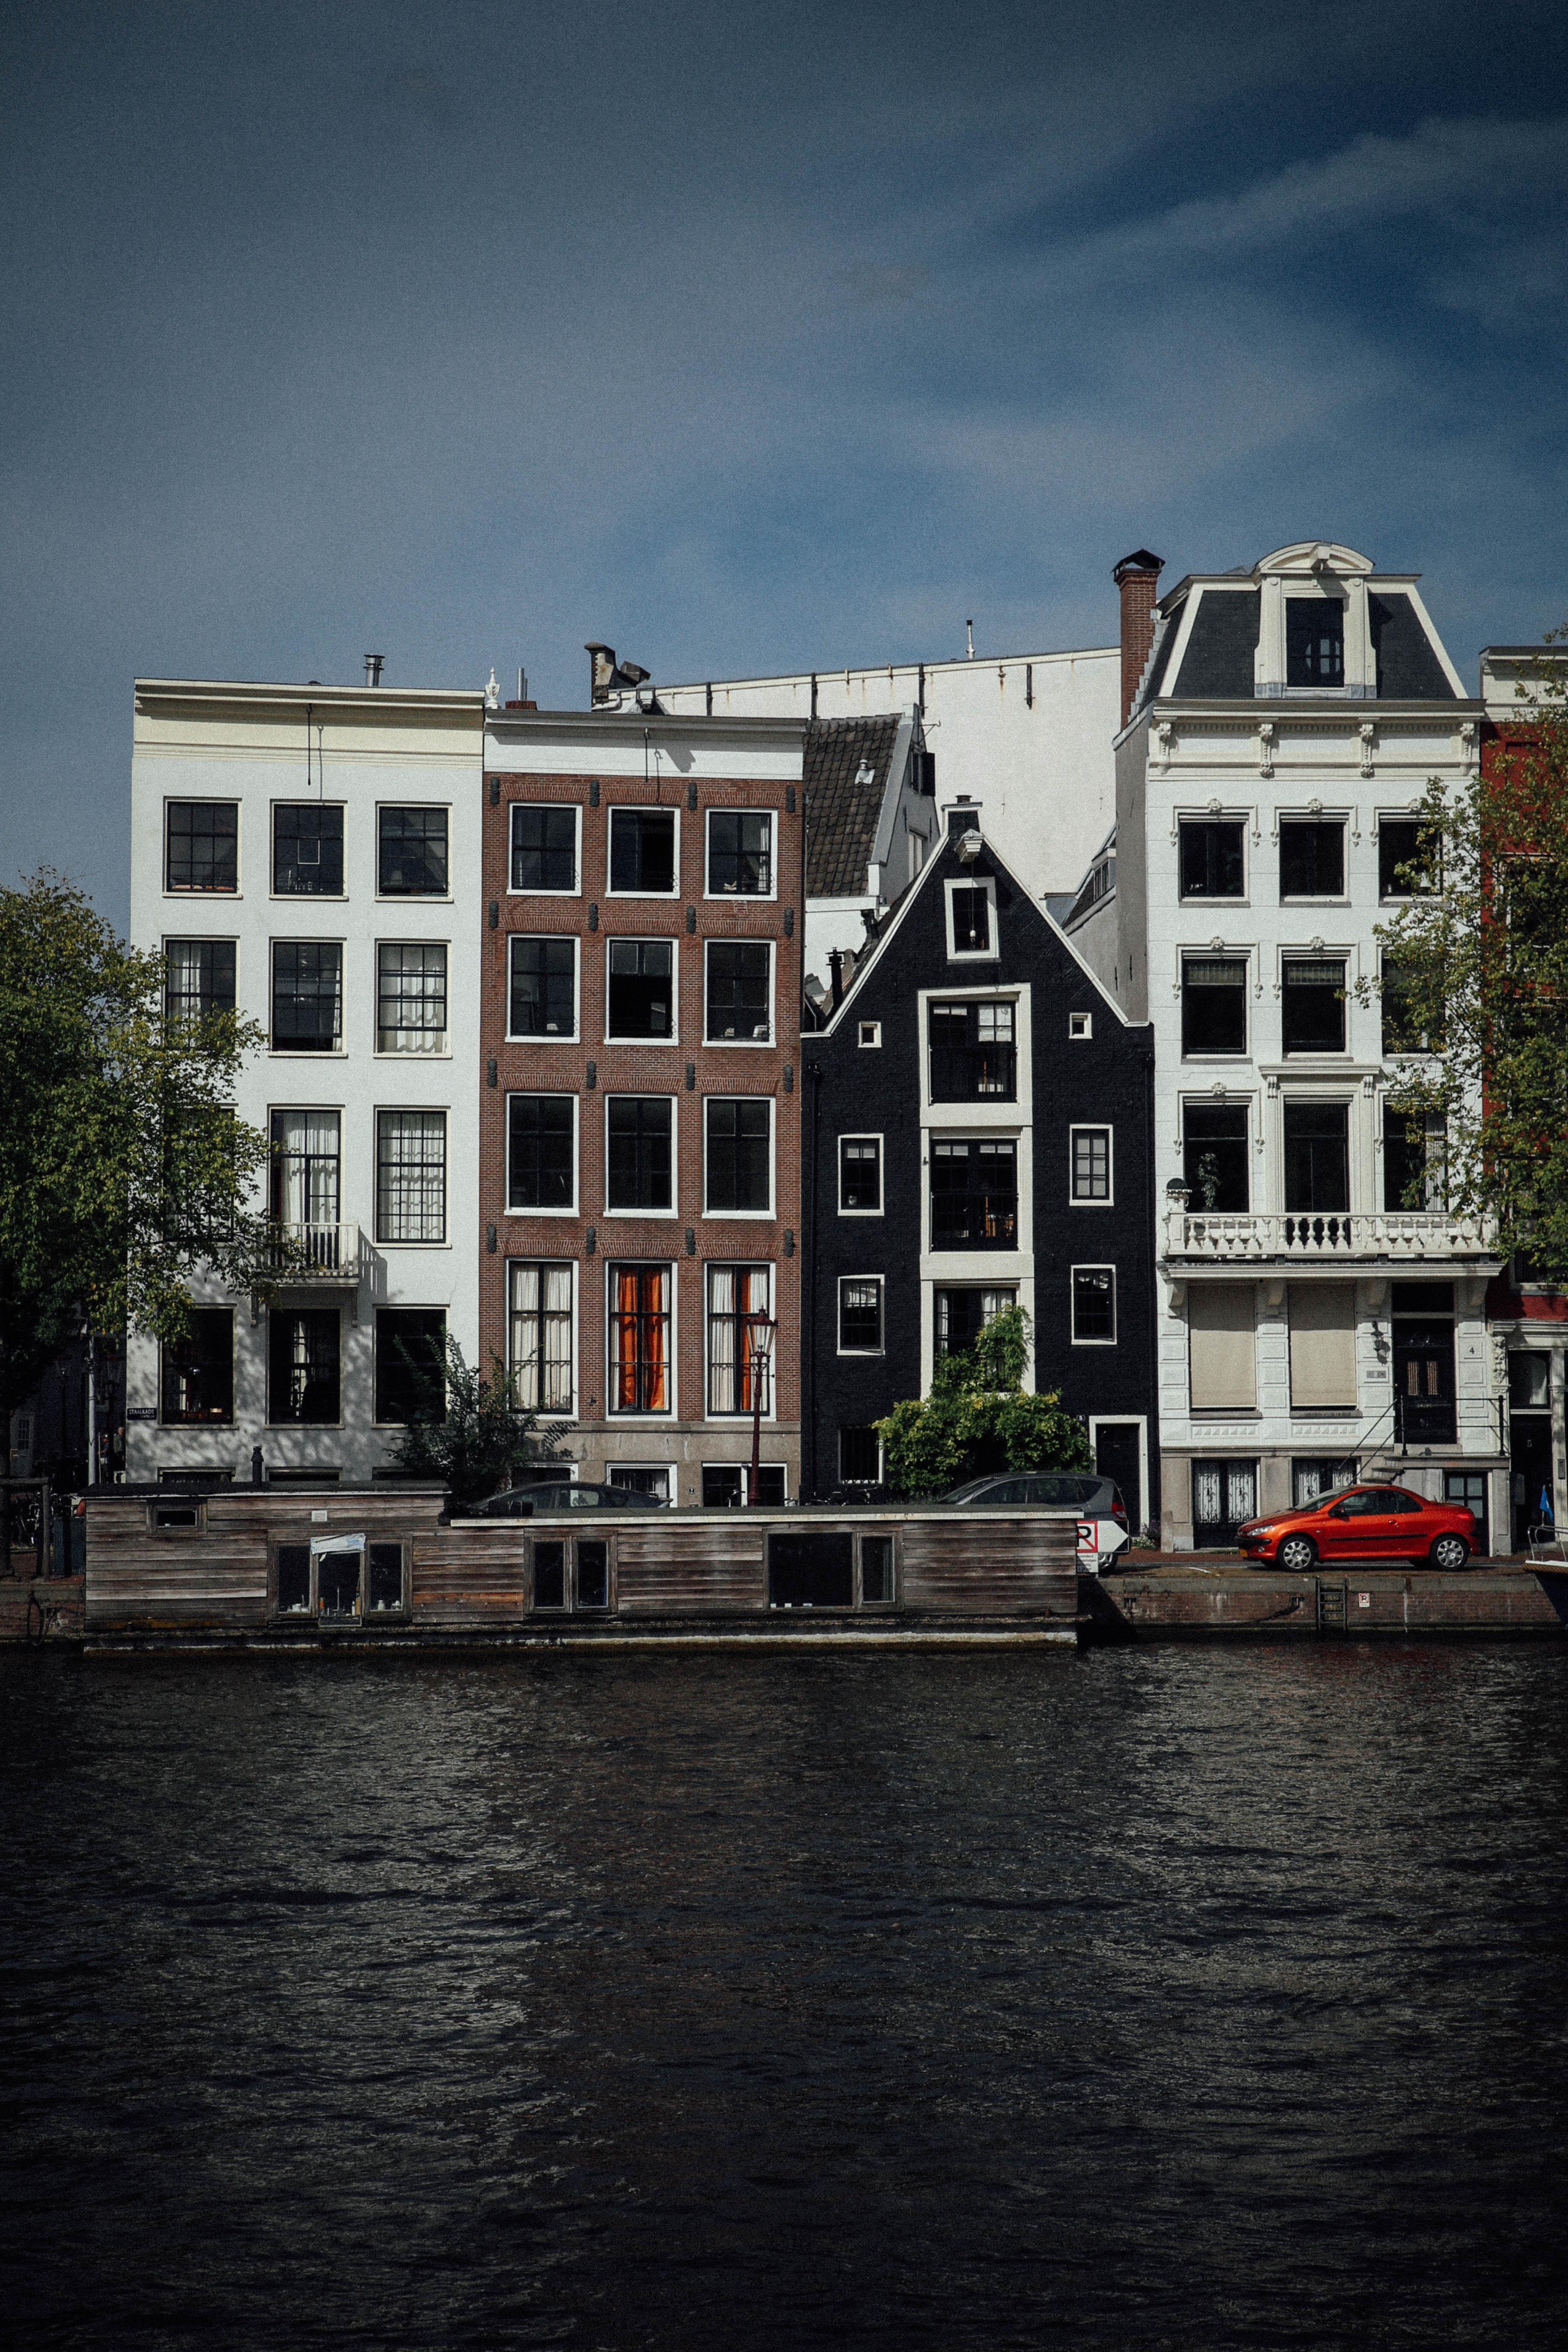 megandcook-voyage-amsterdam-54-1-sur-1